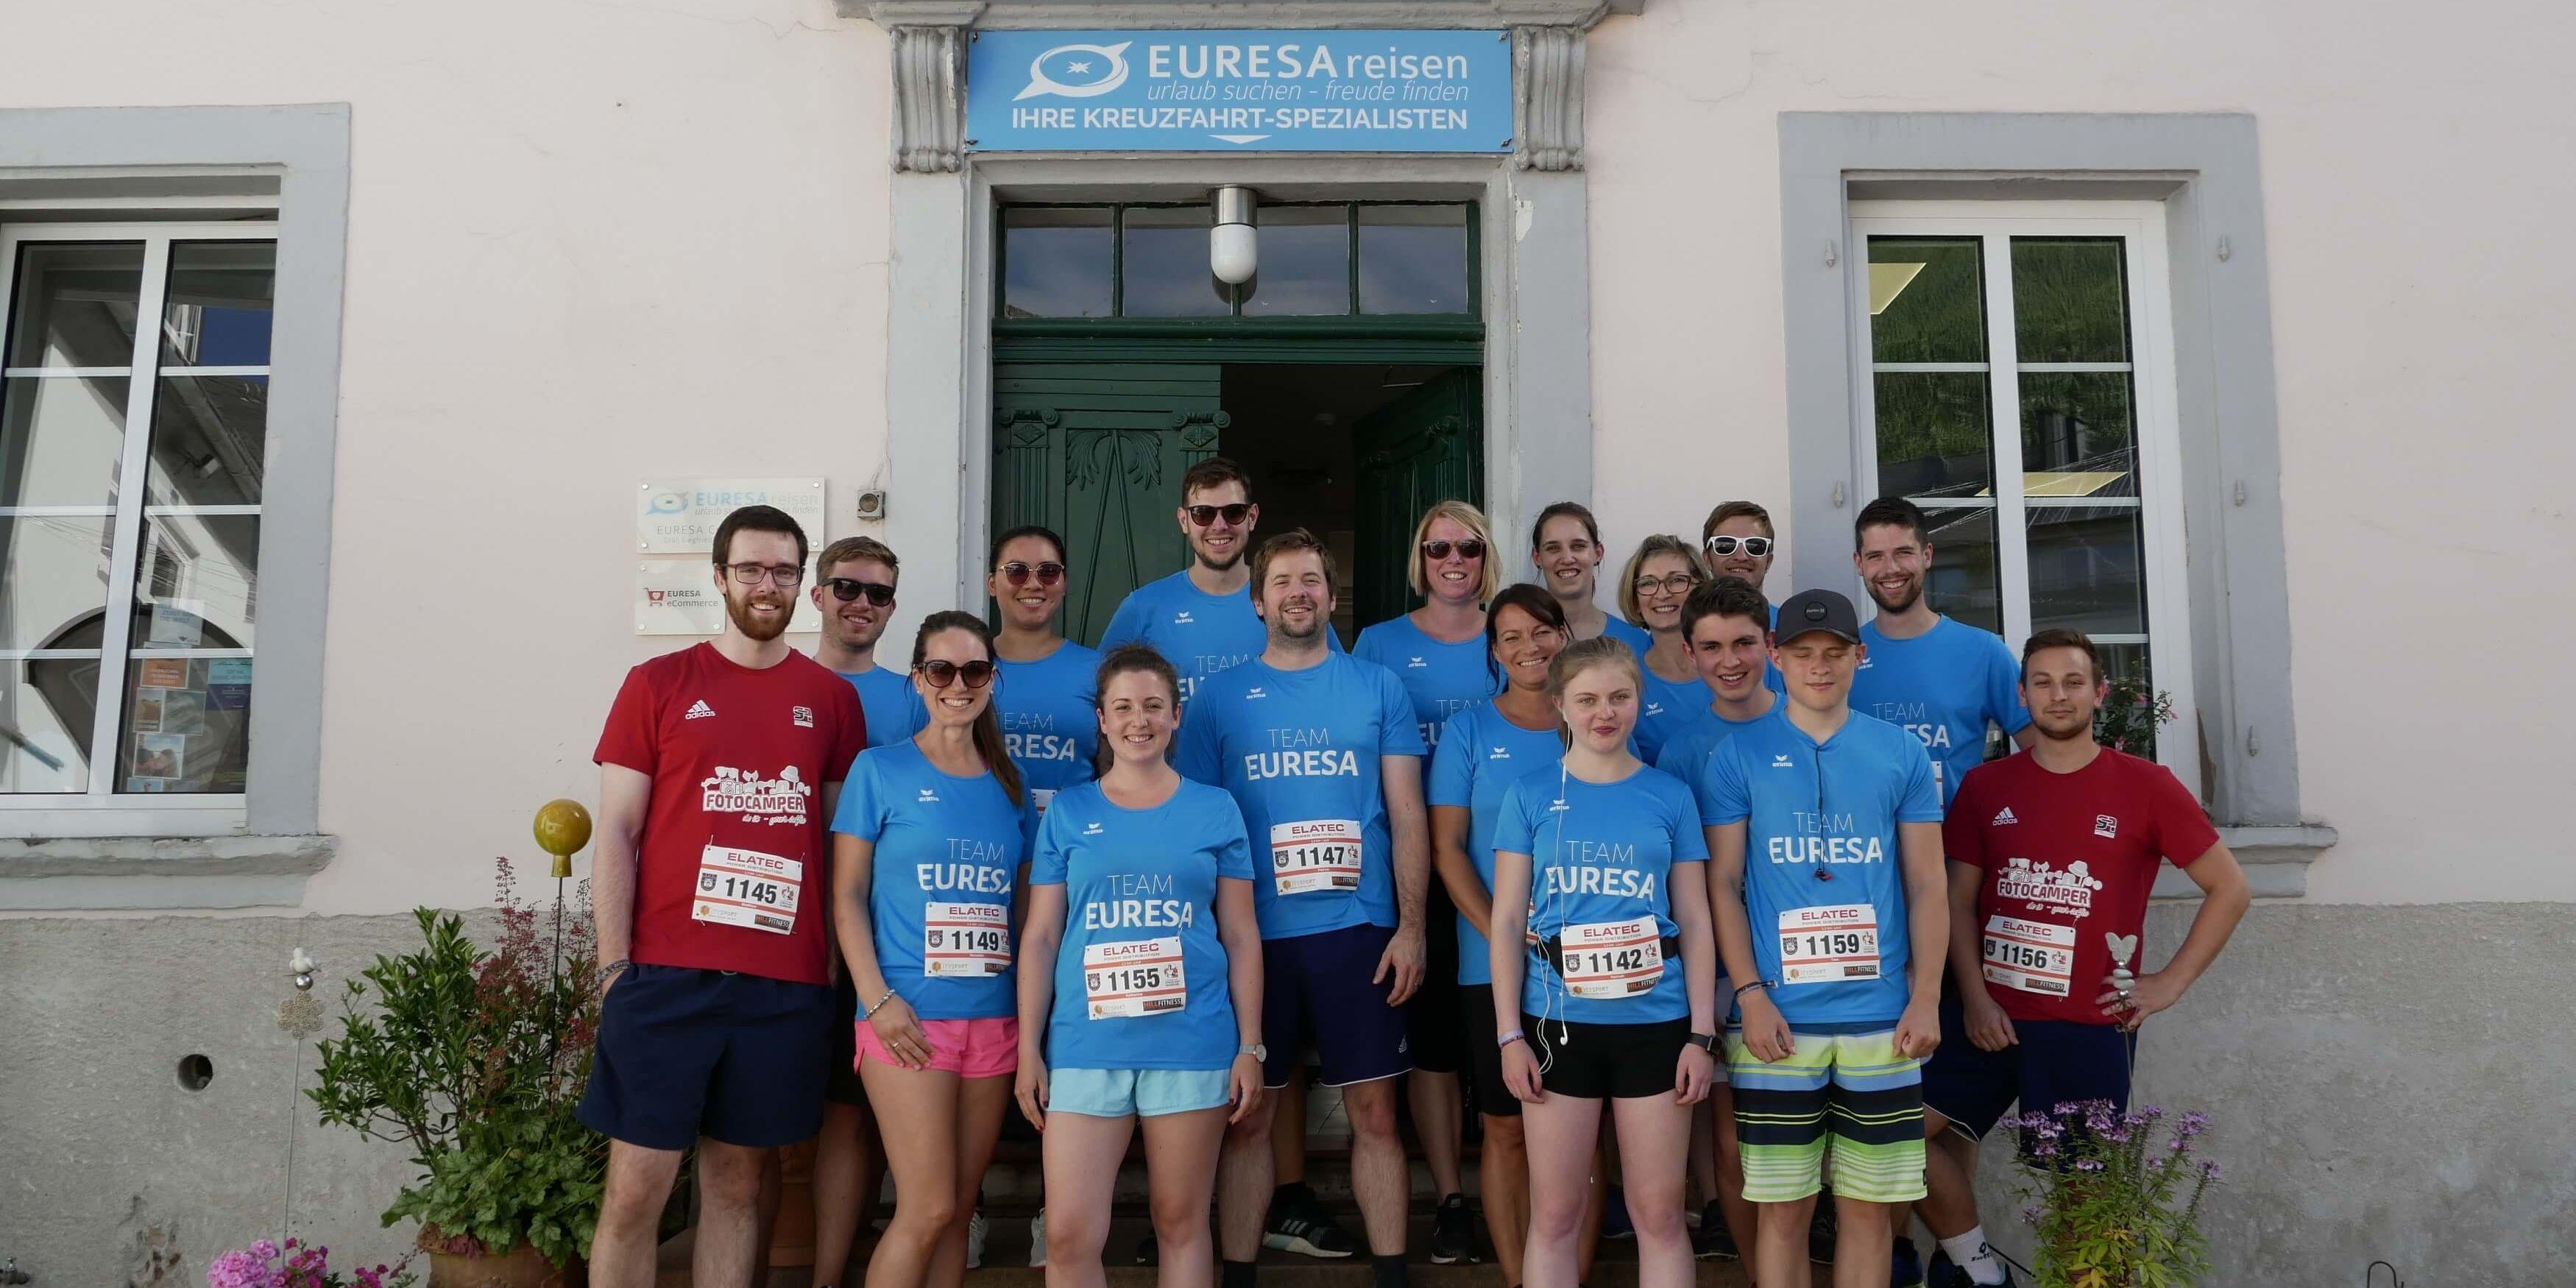 EURESAreisen Team vor dem Firmenlauf